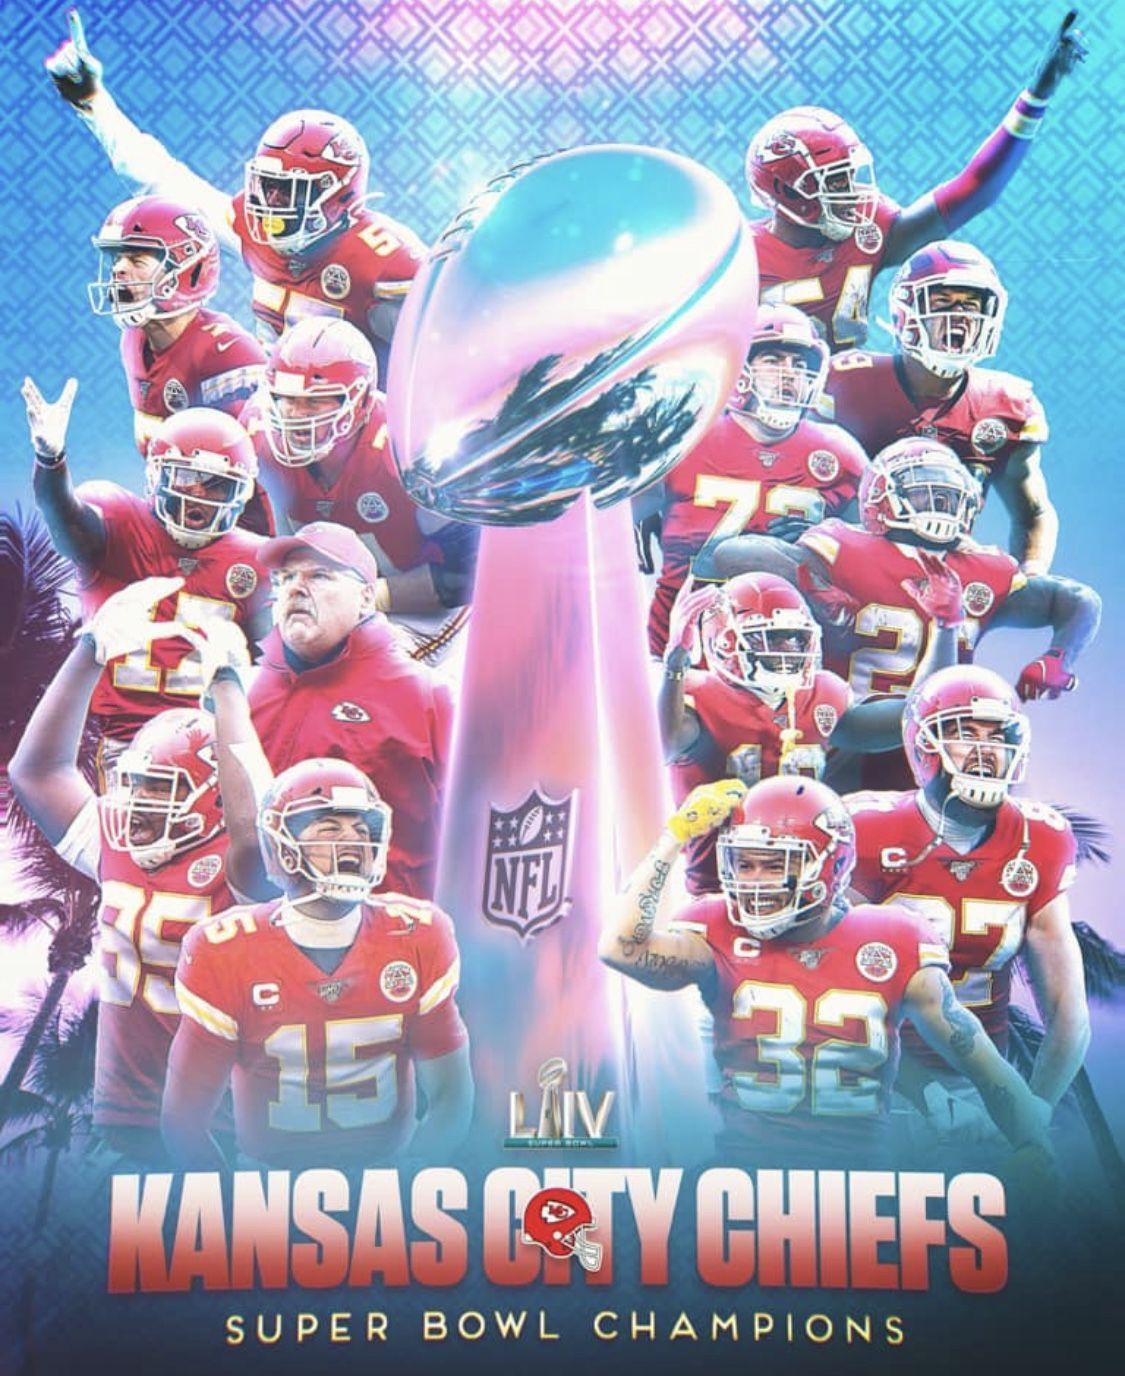 Pin By Maddy On Patrick Mahomes In 2020 Kansas City Chiefs Logo Chiefs Super Bowl Kansas City Chiefs Football